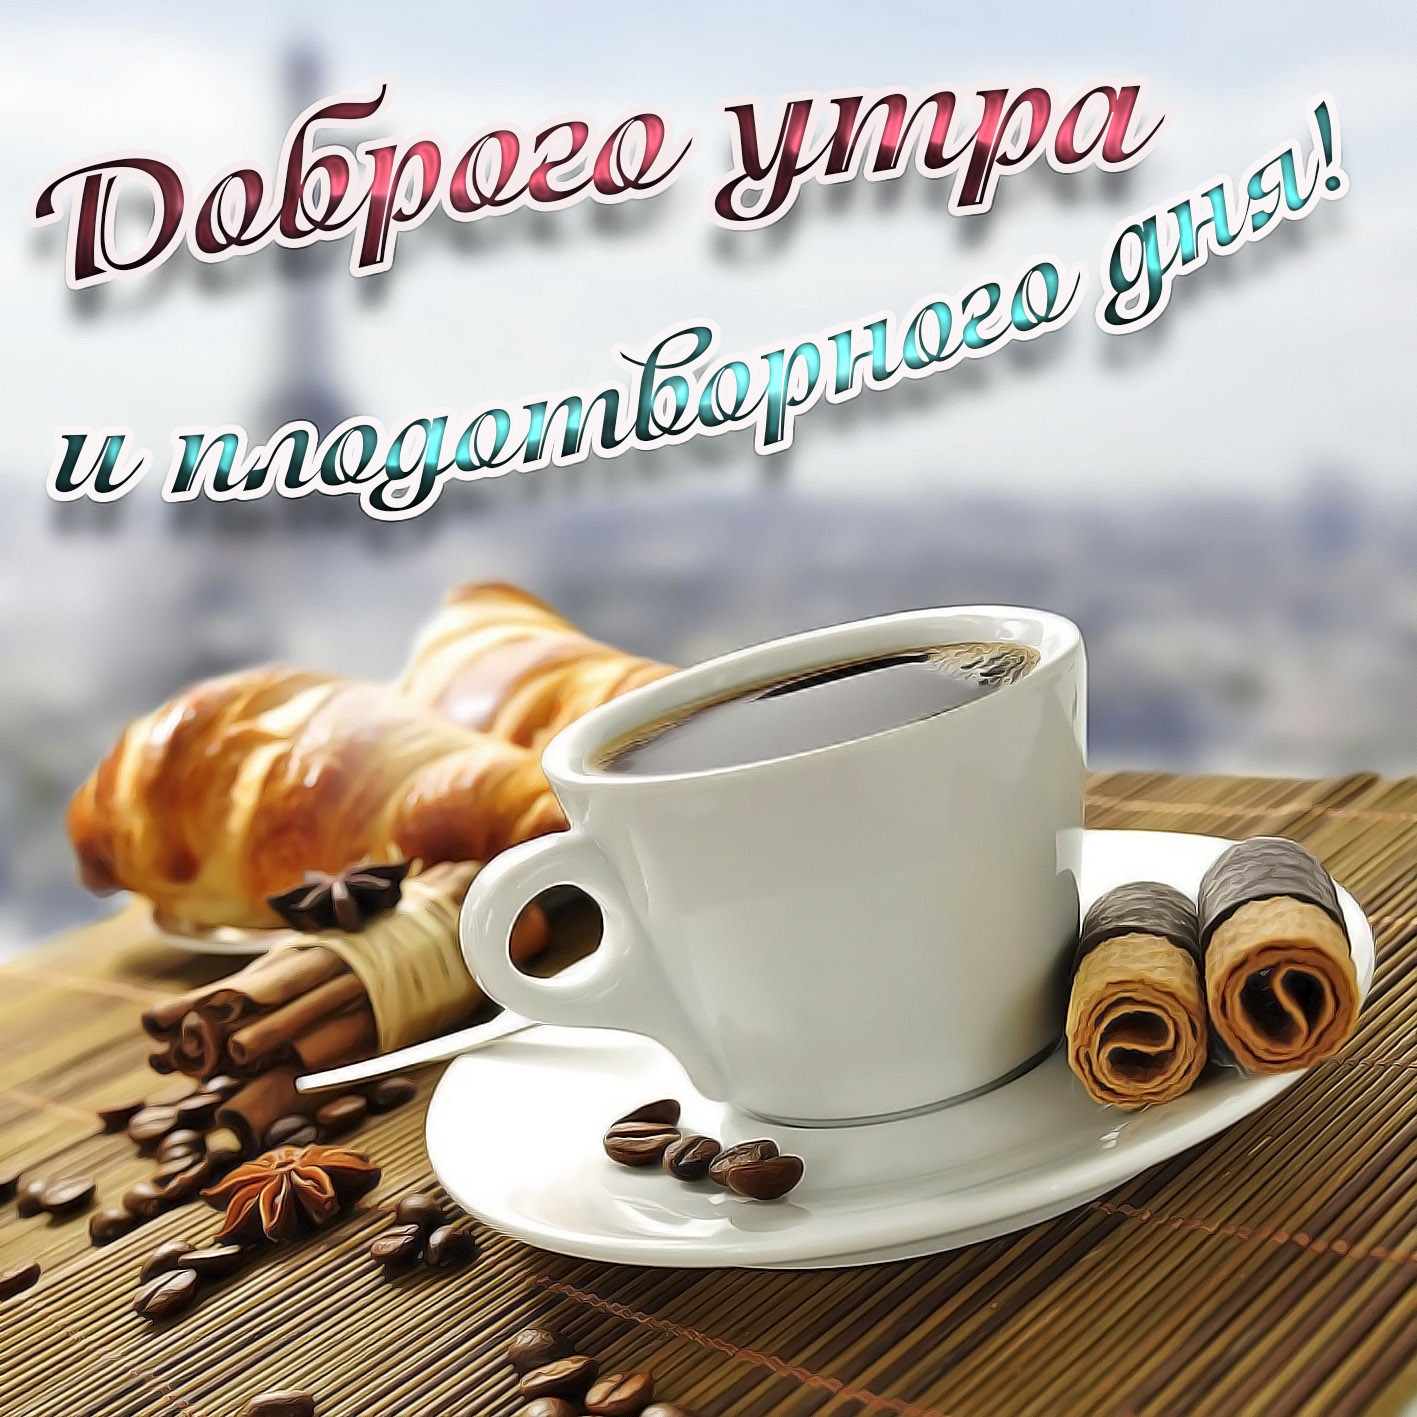 Когда захочешь... Гифки с добрым утром любовь моя, гифки страстные с добрым утром! скачать открытку бесплатно | 123ot